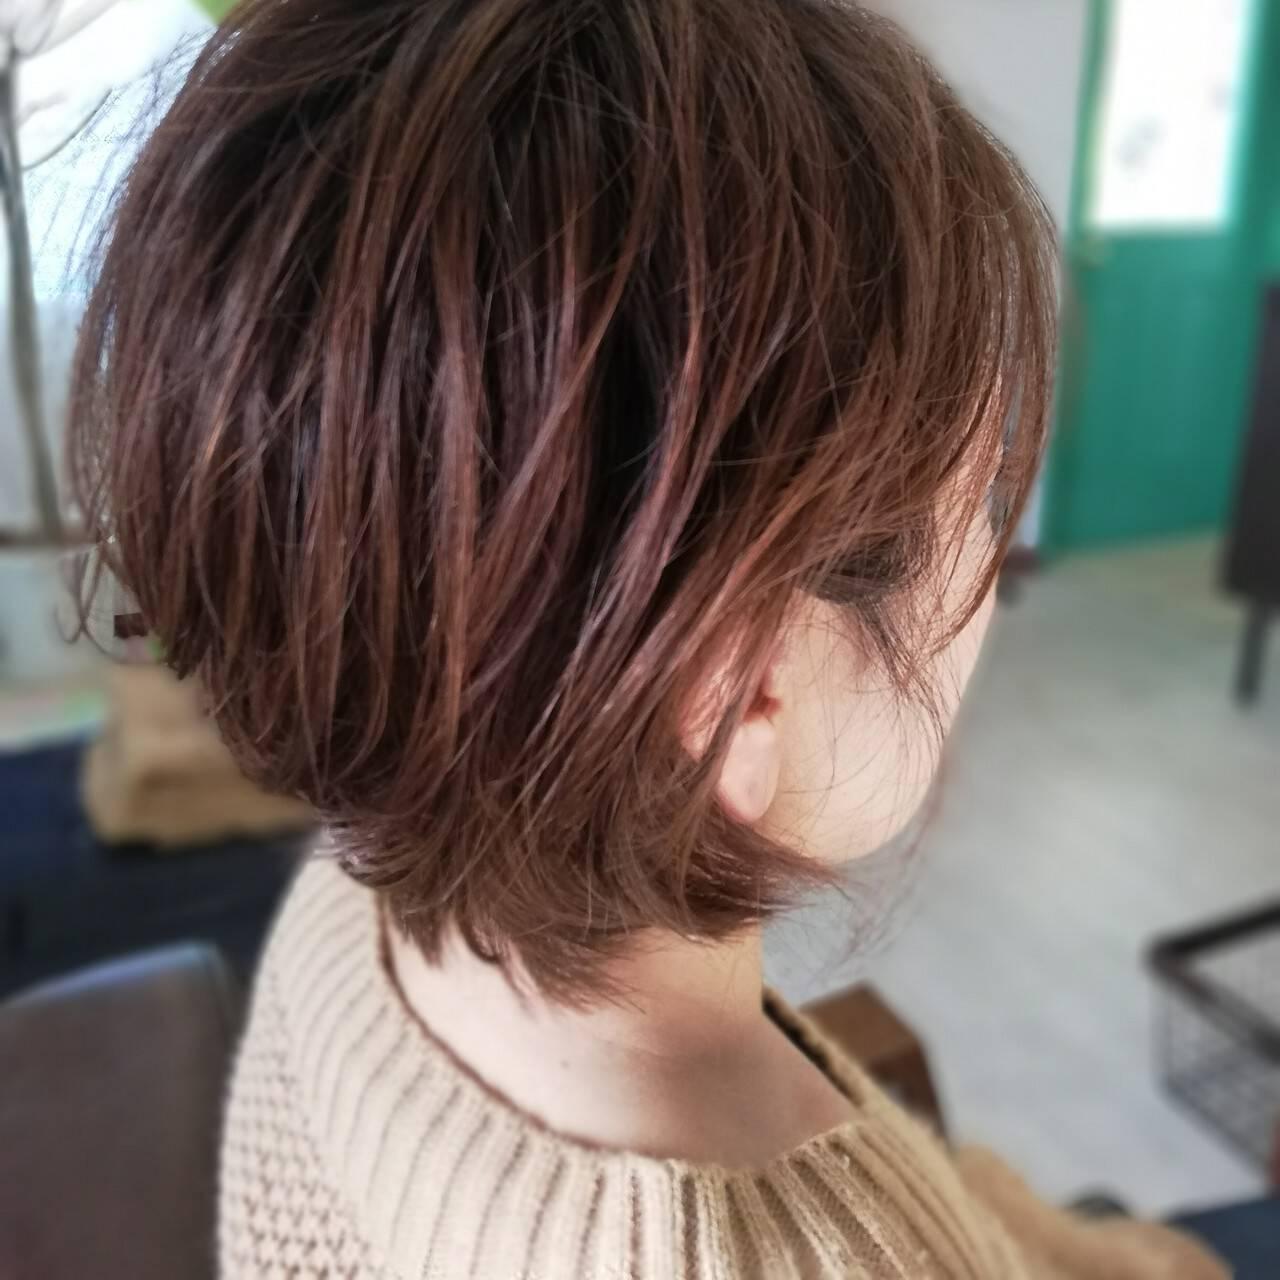 レイヤーボブ ナチュラル ショートボブ 耳掛けショートヘアスタイルや髪型の写真・画像